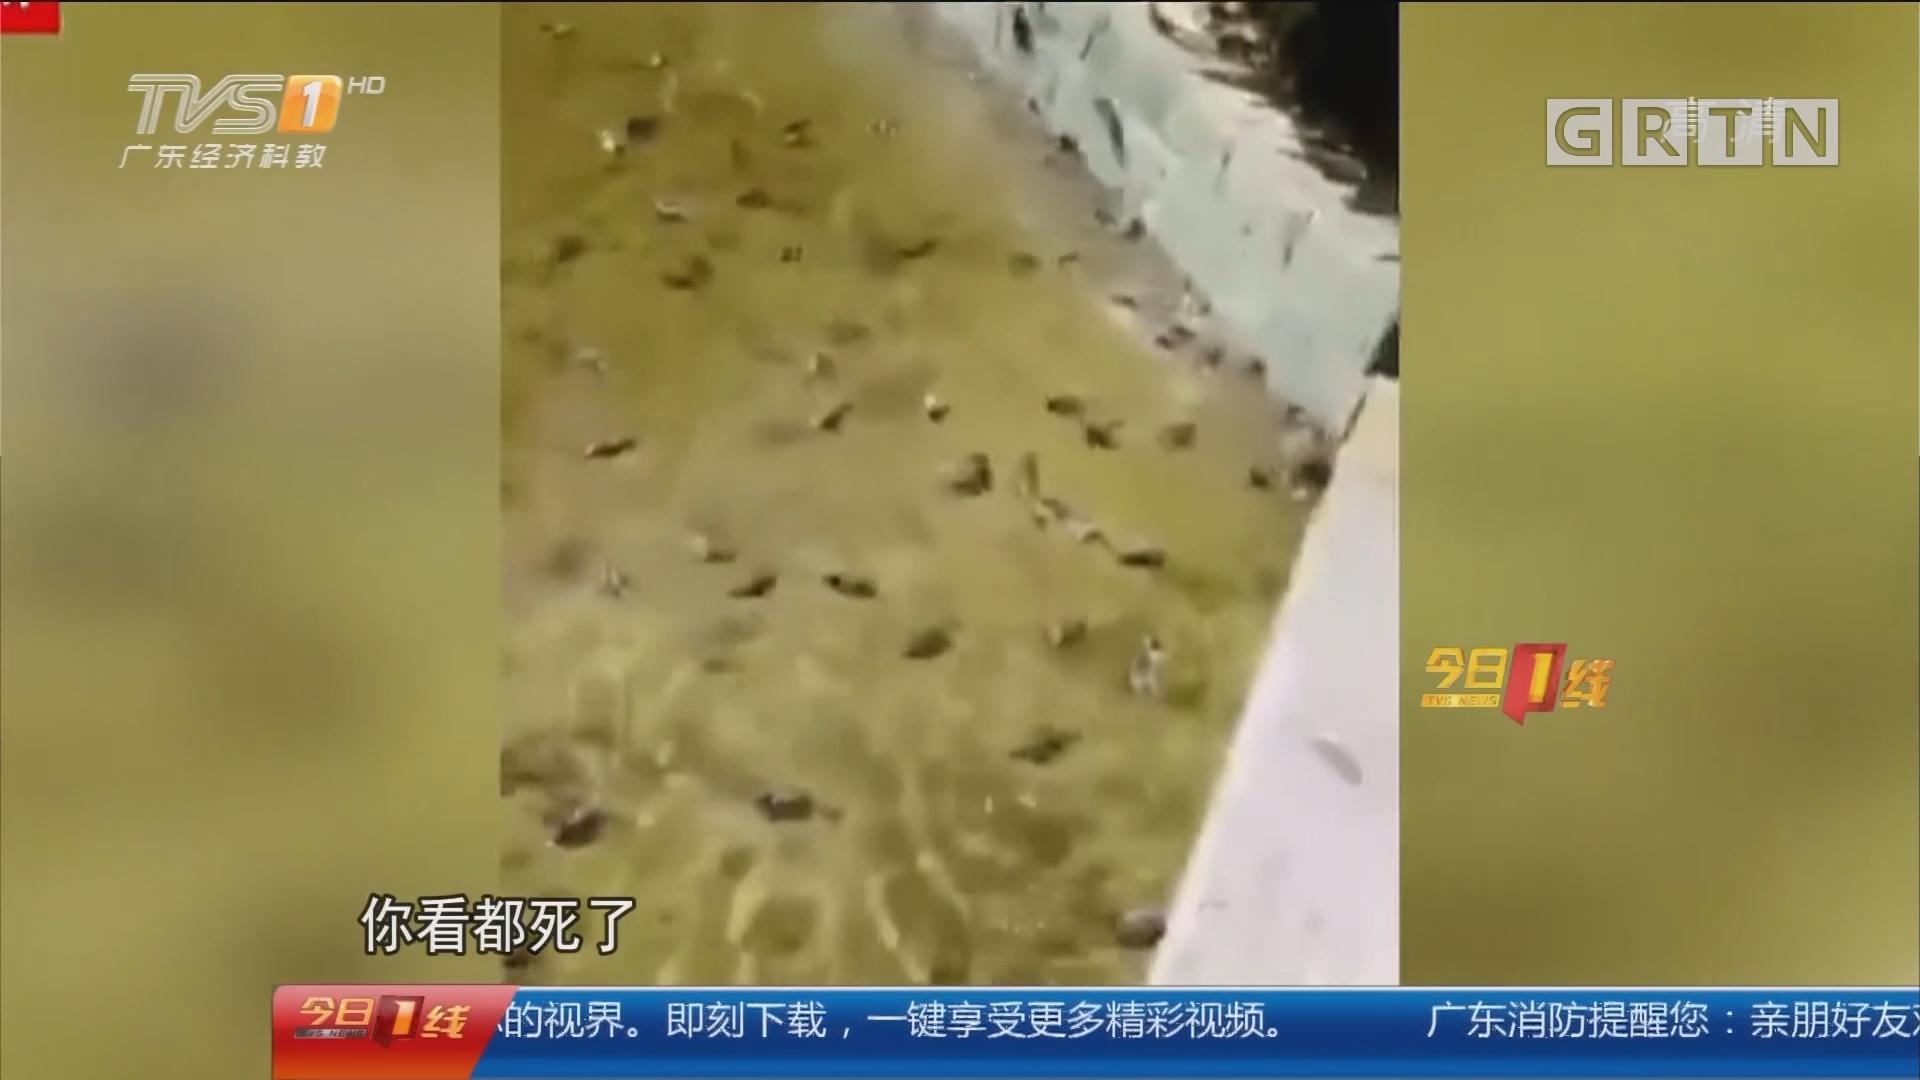 广州大学城:蹊跷!几十只麻雀落水死亡